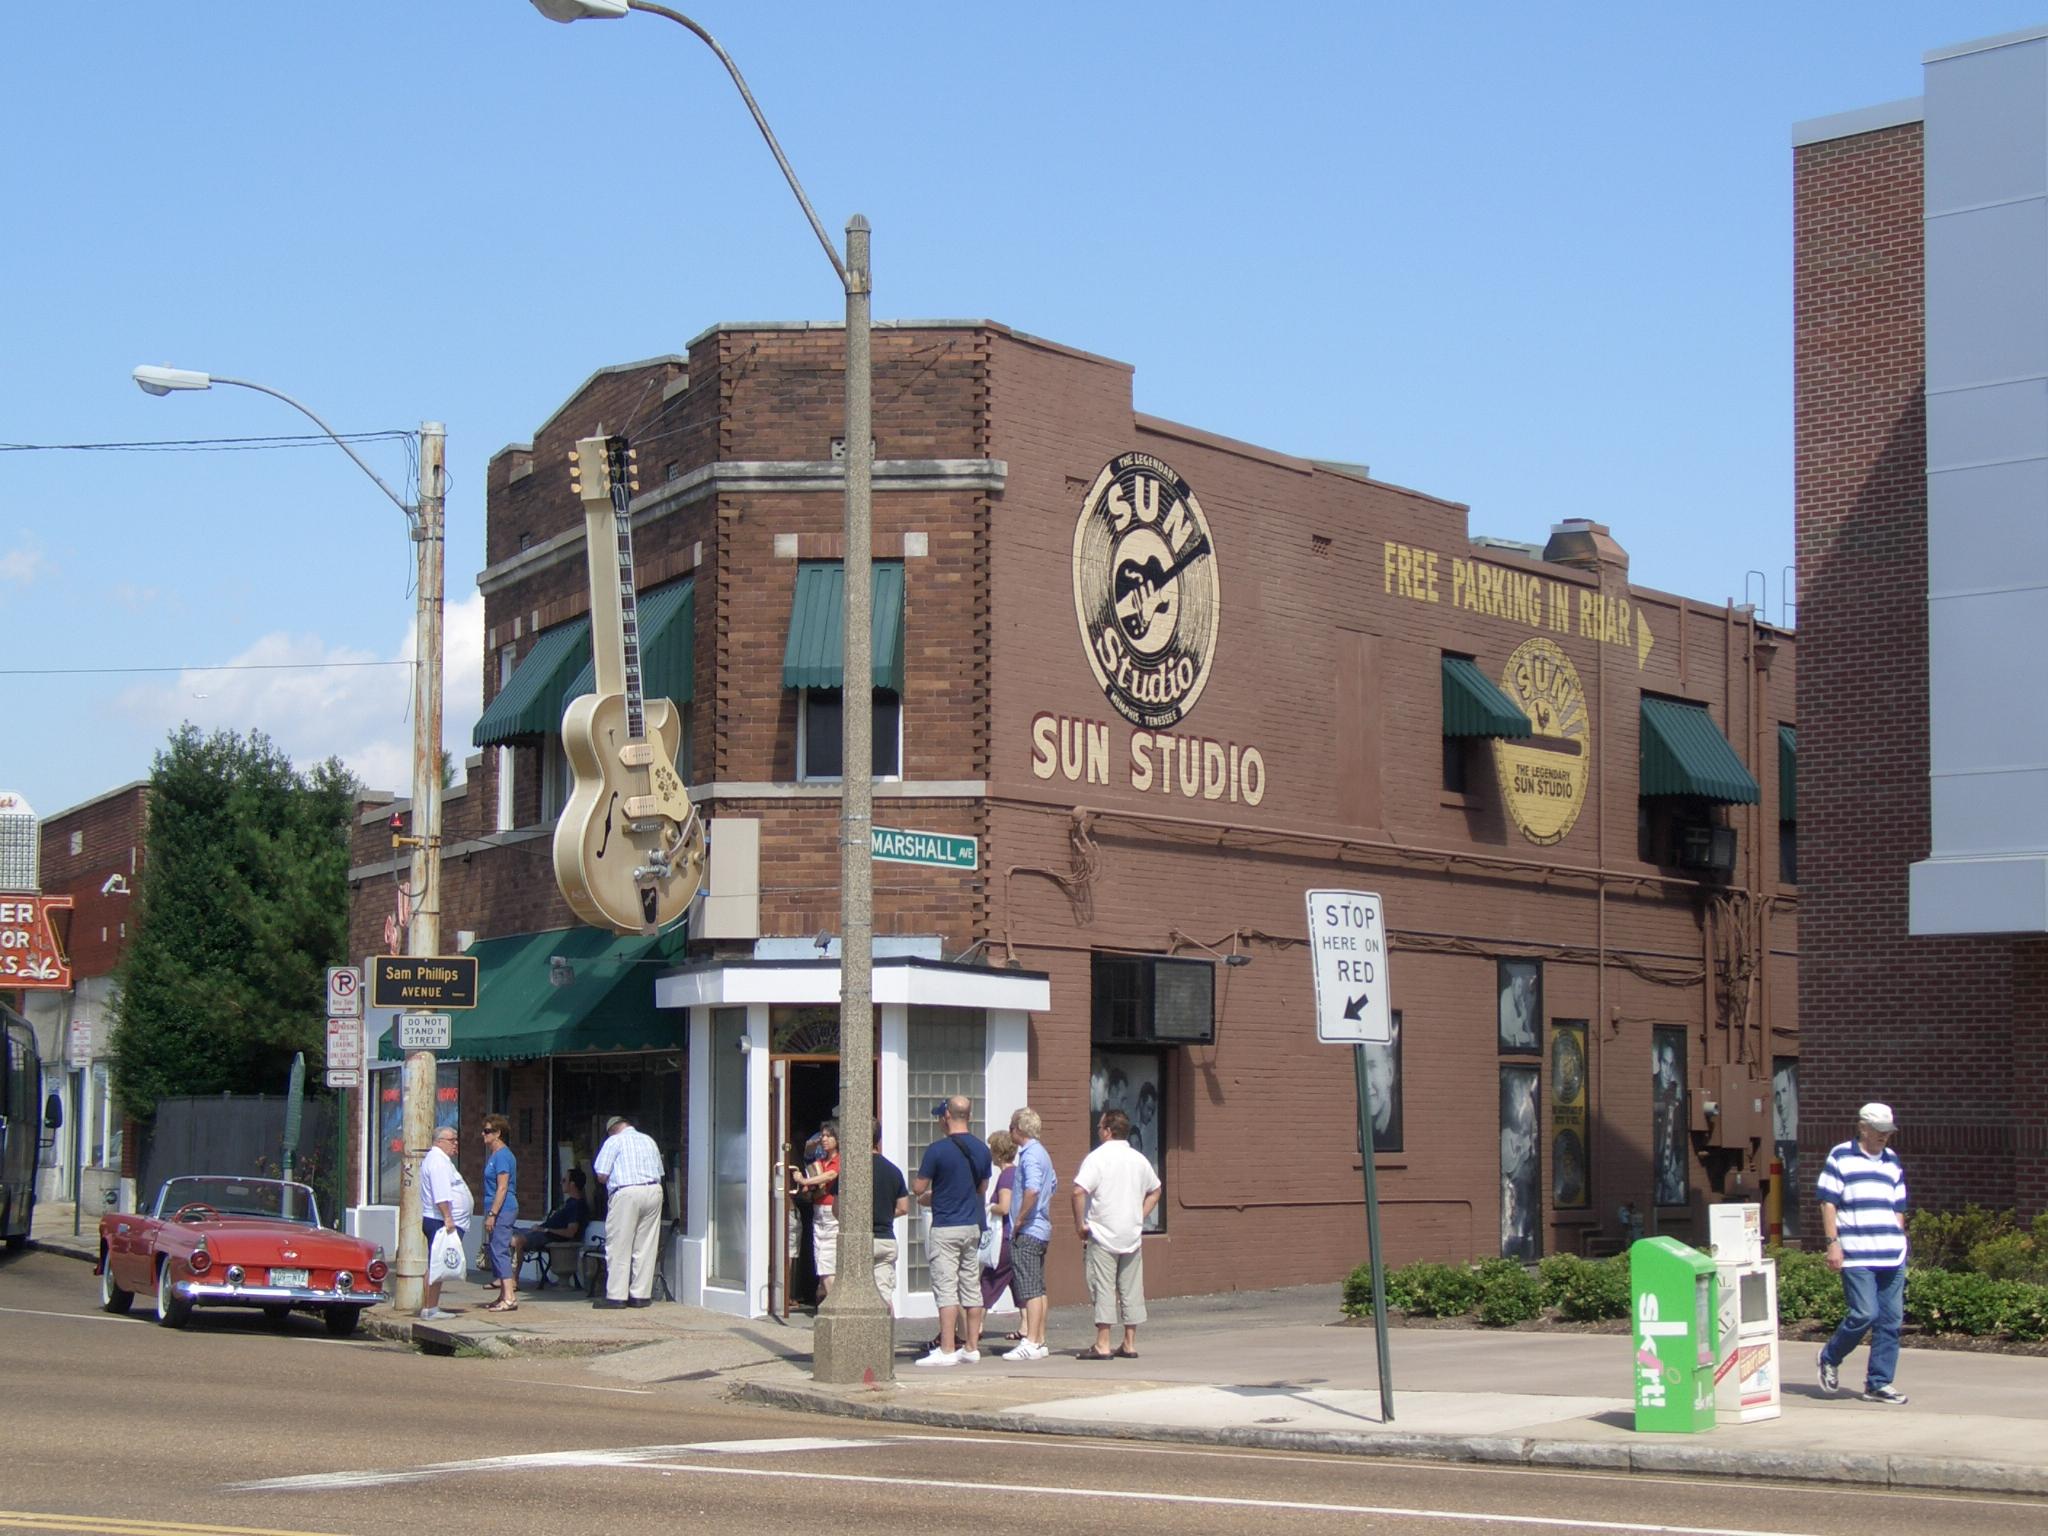 Sun Studio, USA